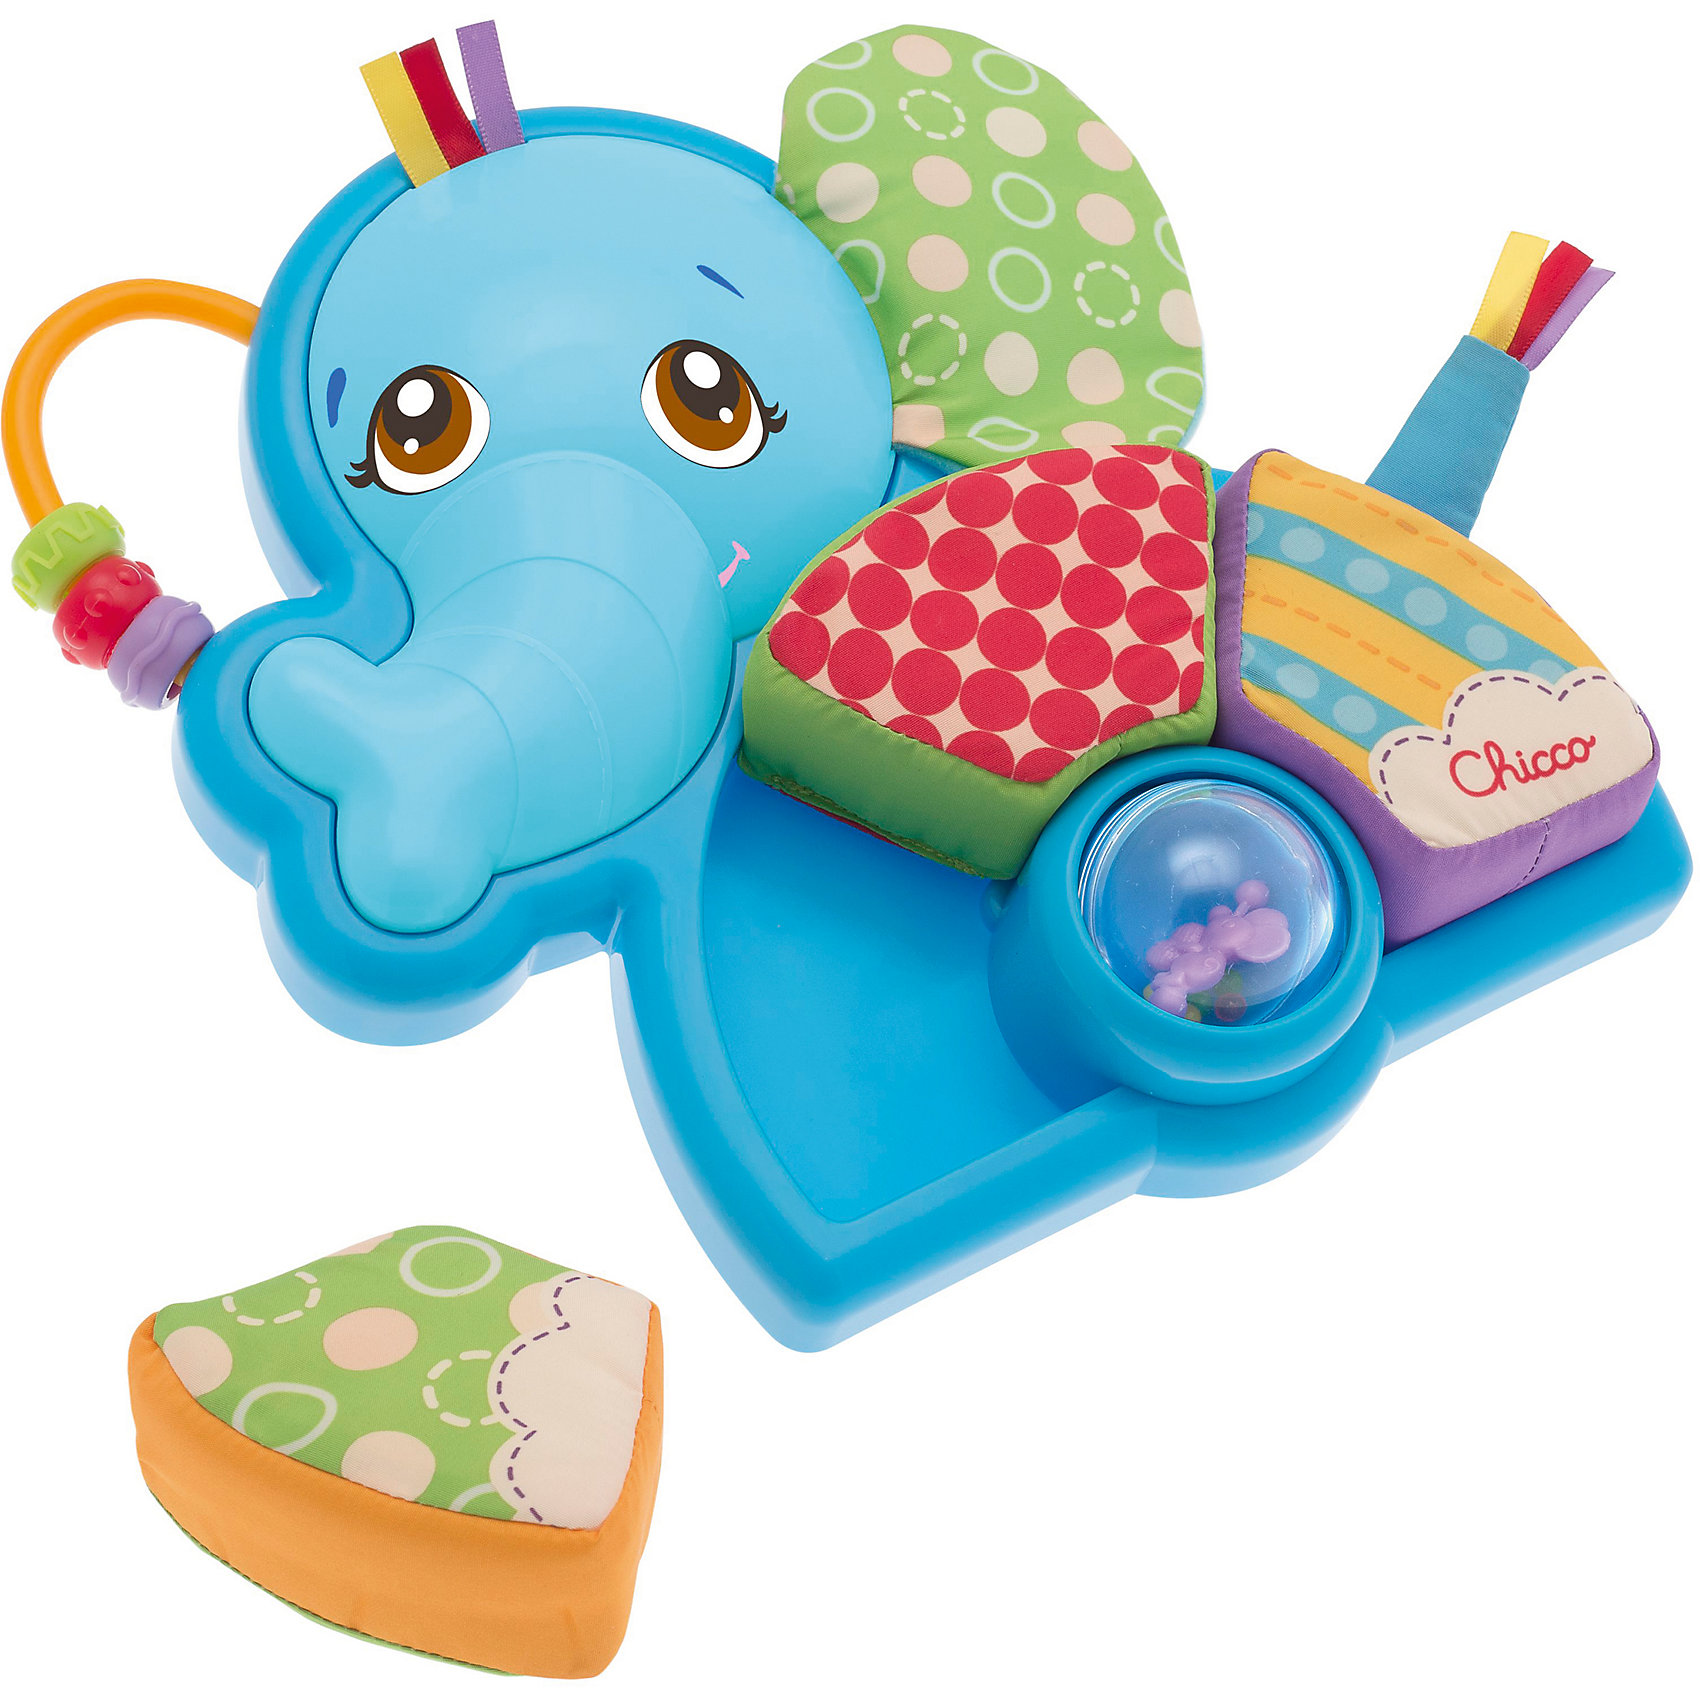 Погремушка-пазл Мистер Слоненок, ChiccoРазвивающие игрушки<br>Погремушка-пазл Мистер Слоненок, Chicco (Чико) – эта забавная игрушка привлечет внимание вашего малыша.<br>Погремушка-пазл Мистер Слоненок оснащена тремя съемными тканевыми частями, которые помогут ребенку освоить понятия формы и размера. Малыш получит удовольствие, разбираясь, куда поместить каждую часть пазла. Пробуйте с ребенком различные варианты игр: шарик-погремушка с маленькой забавной мышкой внутри; кольца с выпуклыми рисунками; погремушка на ухе слоника. Изготовлено из высококачественных безопасных материалов.<br><br>Дополнительная информация:<br><br>- Тканевые блоки можно стирать в стиральной машине<br>- Размер упаковки: 28,7 х 23,9 х 5 см.<br> <br>Погремушку-пазл Мистер Слоненок, Chicco (Чико) можно купить в нашем интернет-магазине.<br><br>Ширина мм: 288<br>Глубина мм: 238<br>Высота мм: 53<br>Вес г: 323<br>Возраст от месяцев: 6<br>Возраст до месяцев: 36<br>Пол: Унисекс<br>Возраст: Детский<br>SKU: 3943189